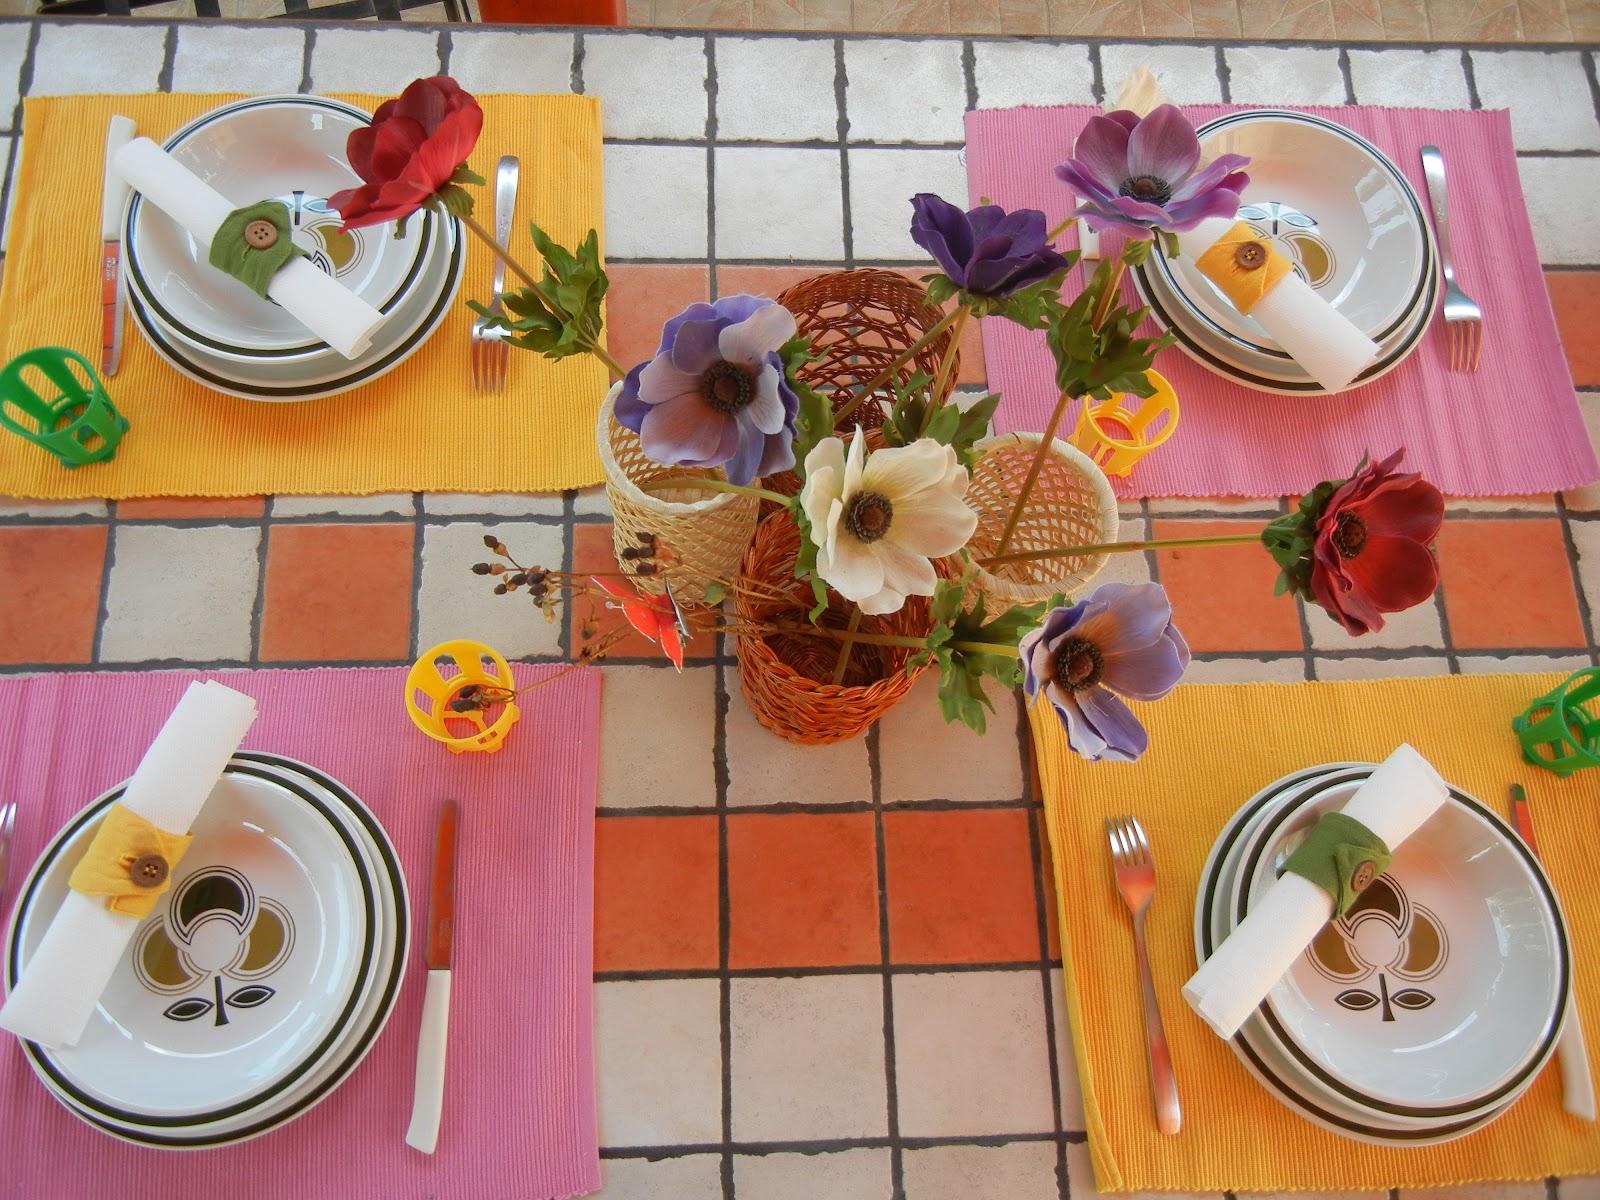 Loro in tavola un pranzo informale con amici - Tavola da pranzo ...